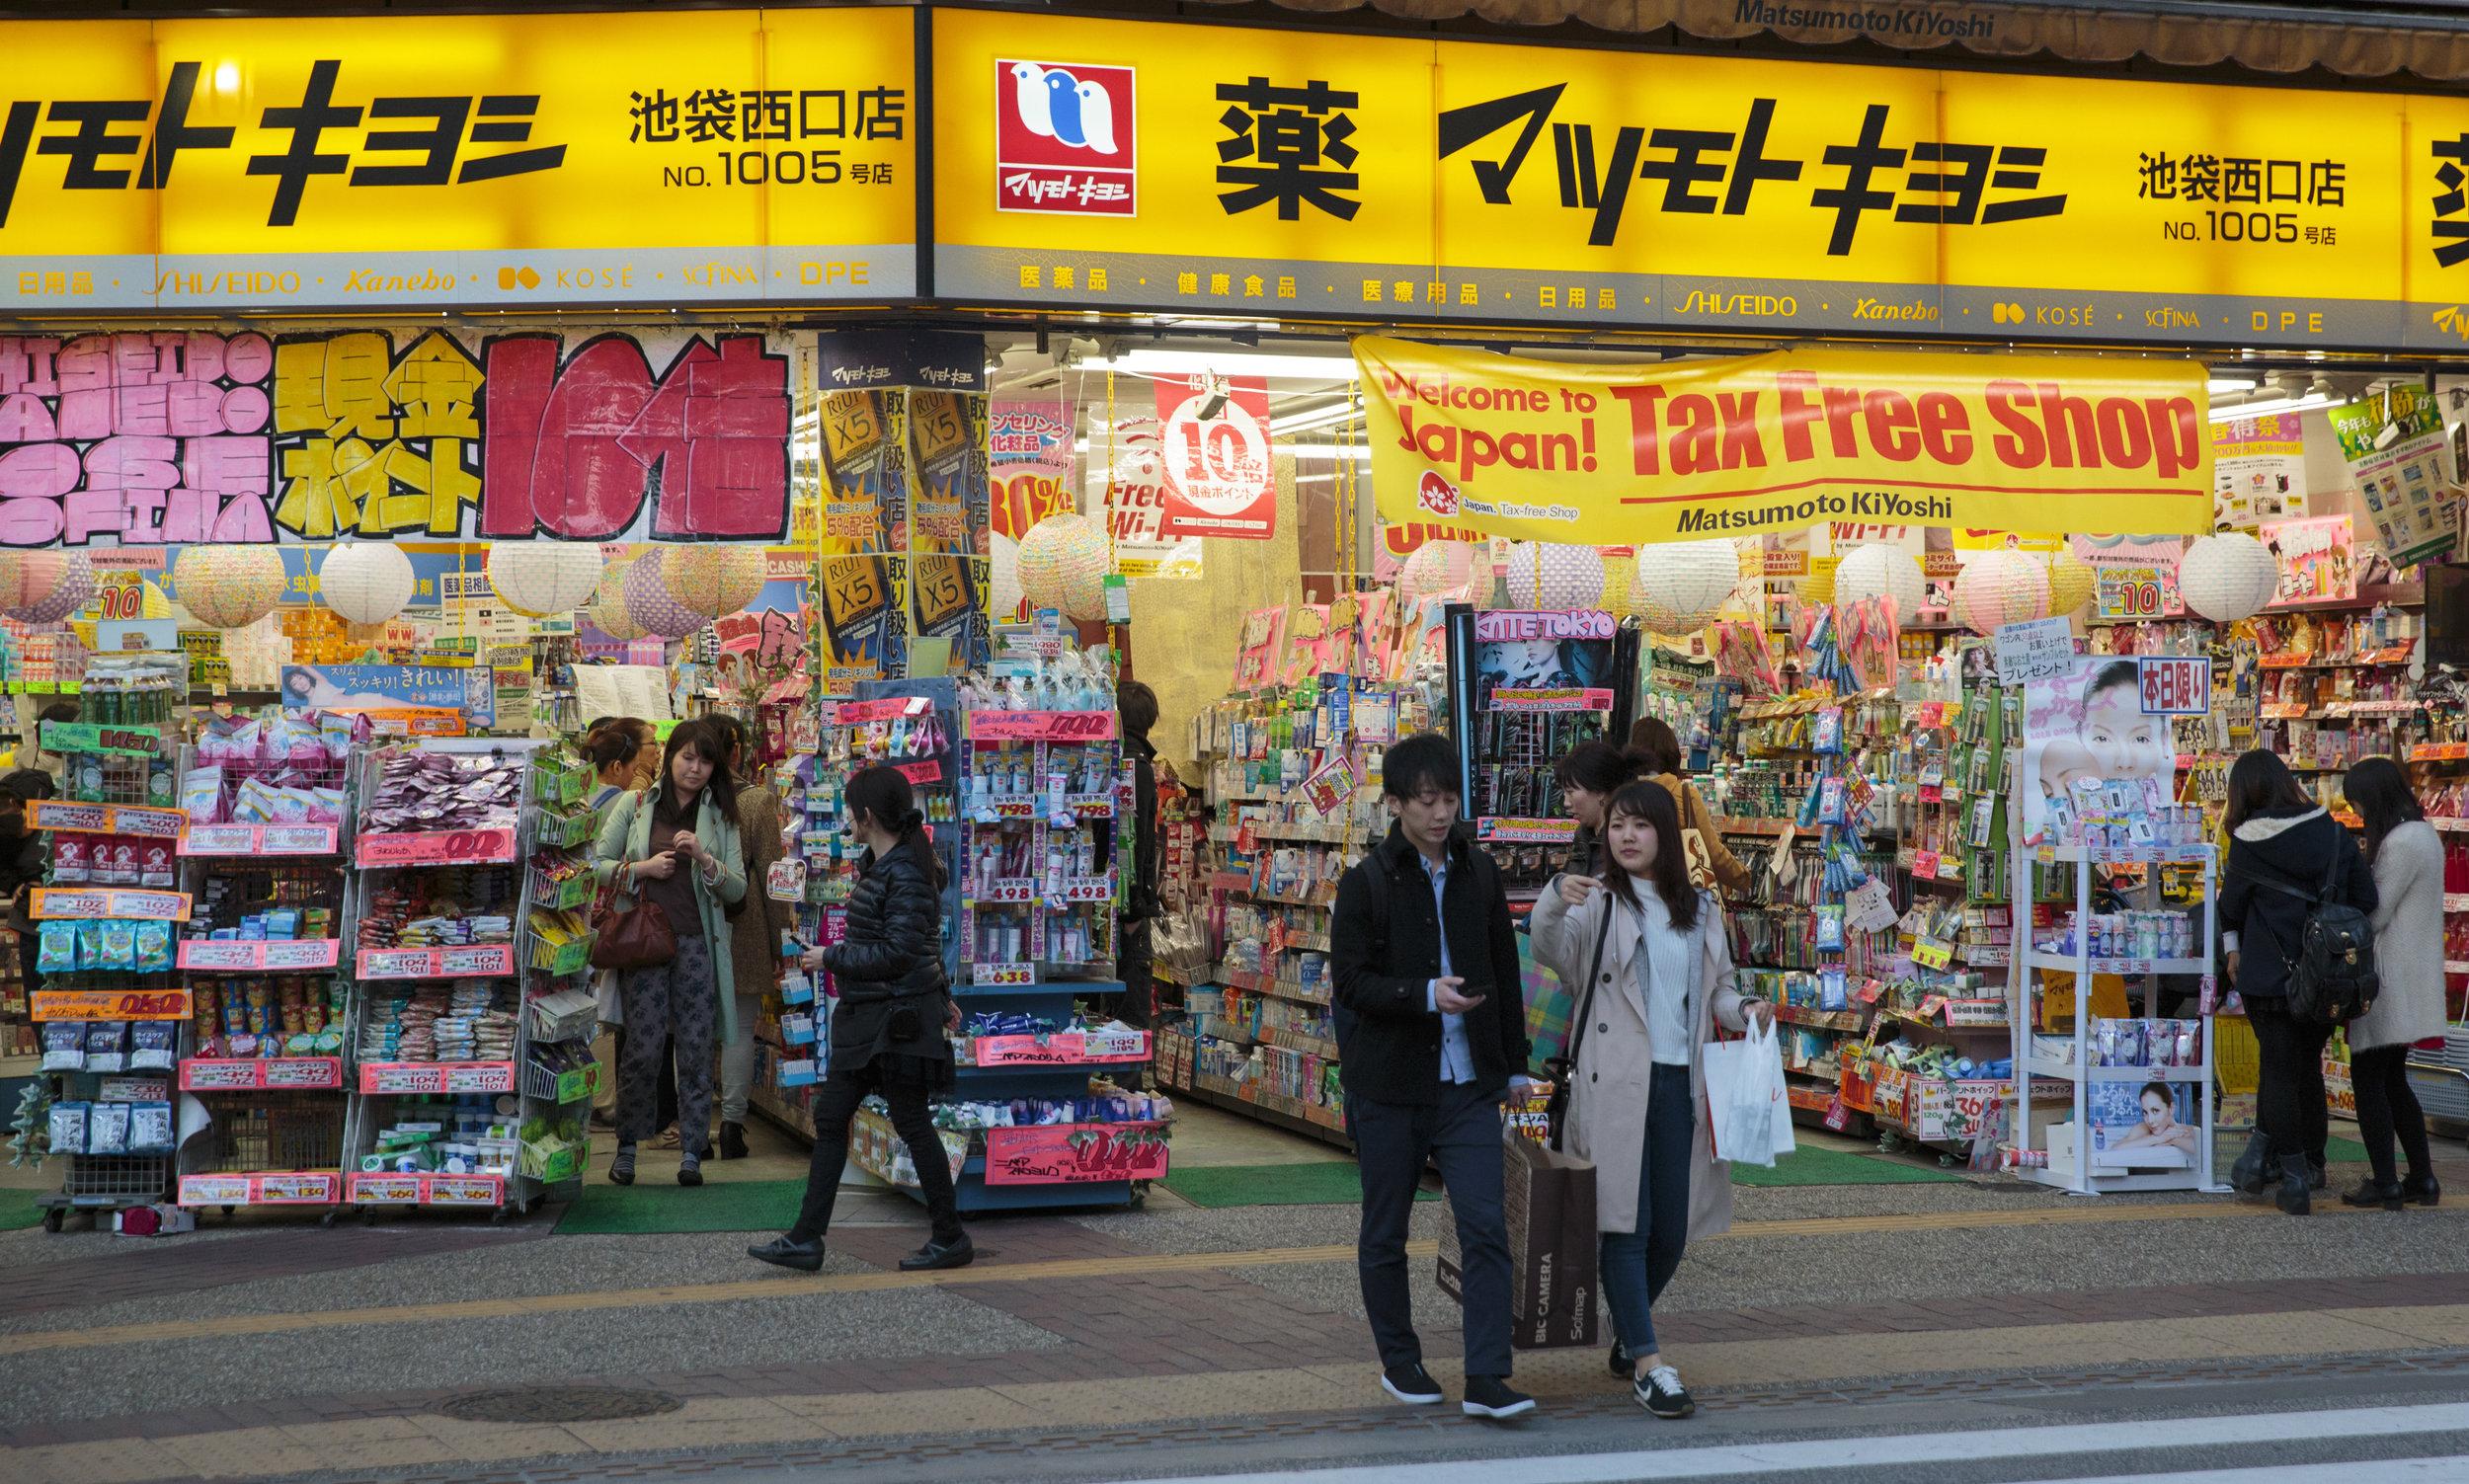 drugstore-storefront-japan.jpg